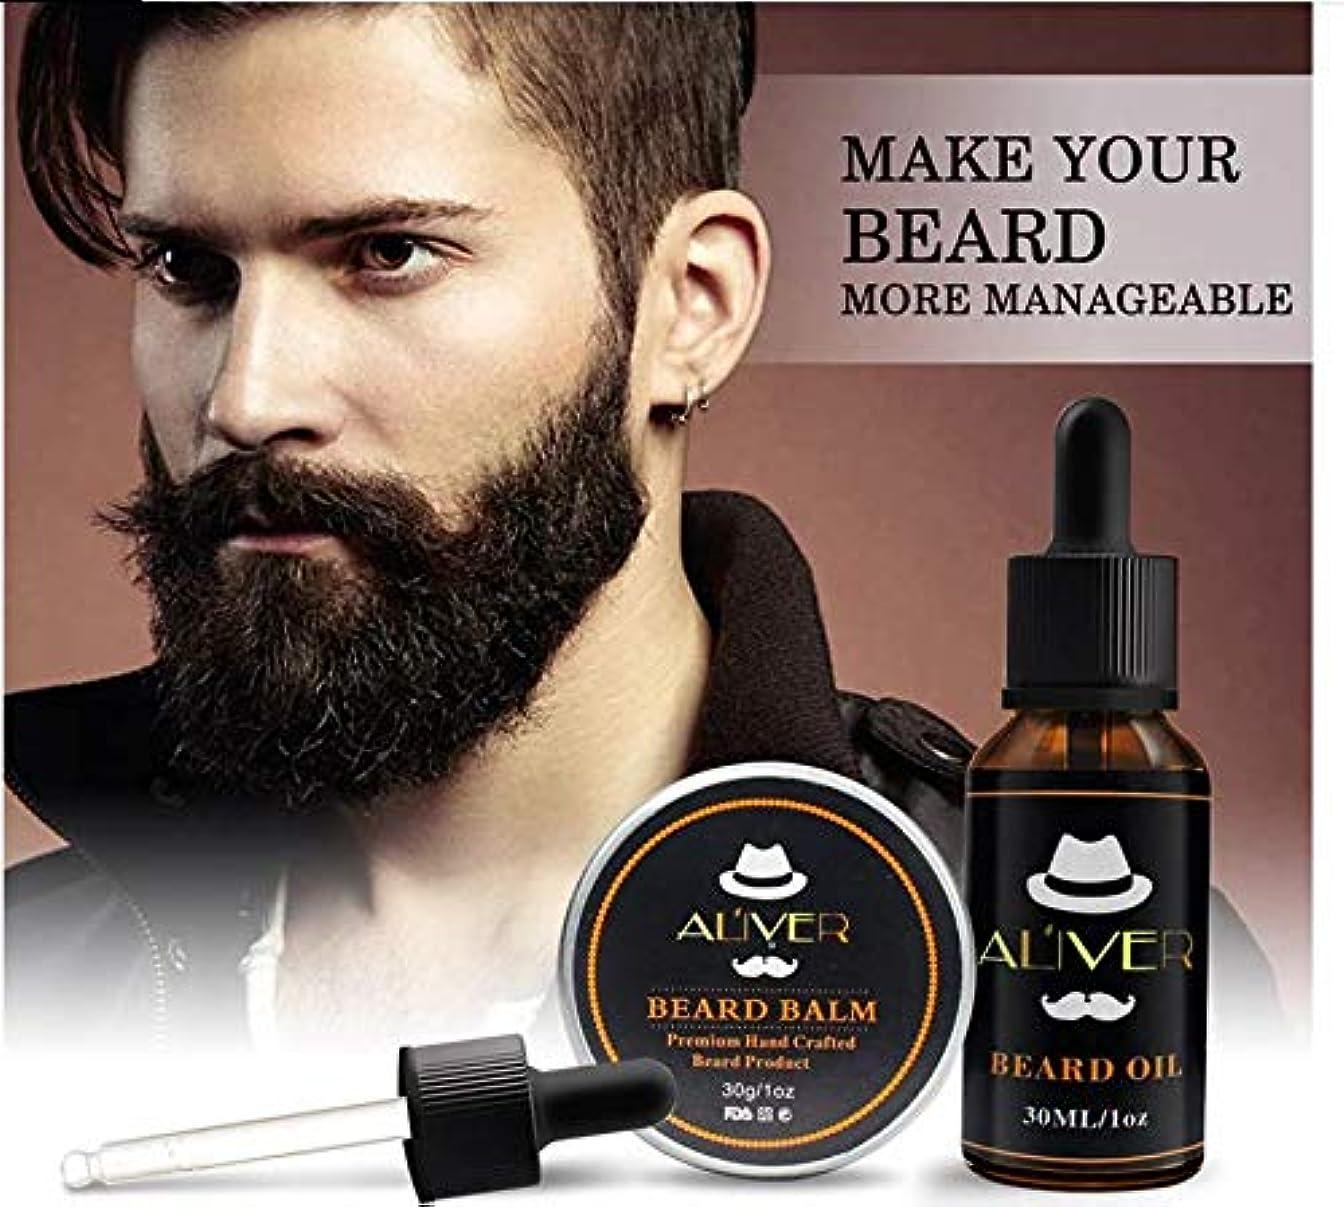 バターとげのあるかみそり男性用2本セット - 30グラムビアードバーム+ 30ミリリットルビアードオイル - 健康的なあごひげの成長のための強化と厚み (SET of 2 for Men - 30 gr Beard Balm + 30ml Beard Oil - Strengthens and Thickens for Healthy Beard Growth While Argan Oil and Wax Boost Shine and Maintain Hold)